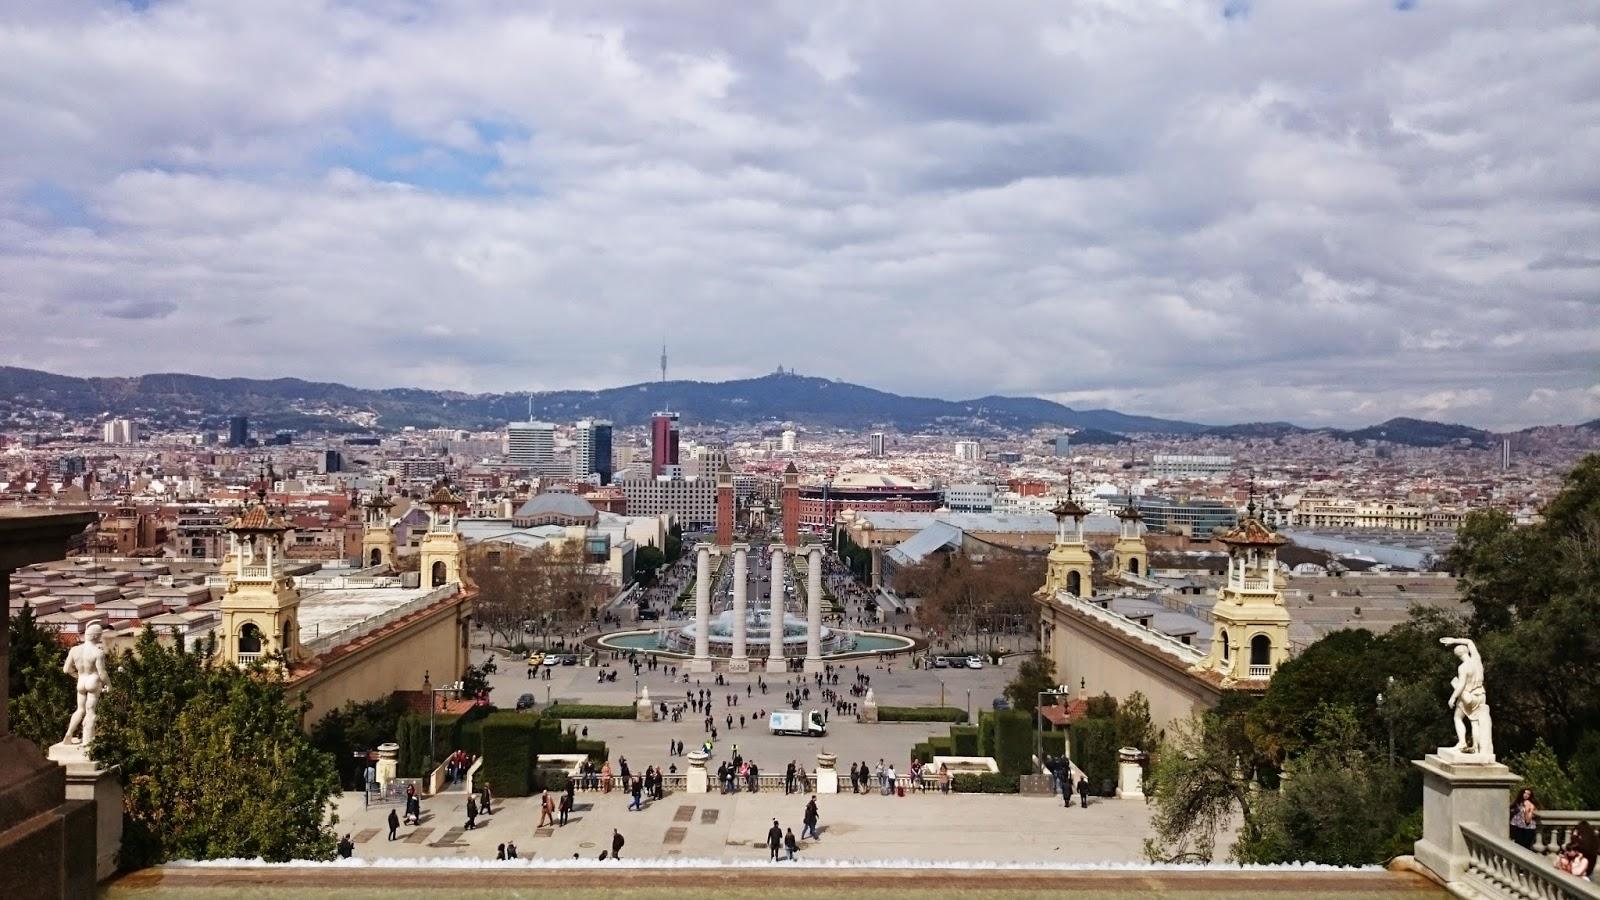 Barcelona,fontanna di trevi,co zobaczyć w BArcelonie, weekend w barcelonie, blogerka wnętrza podróże,lifestyle, szczecin blogerka